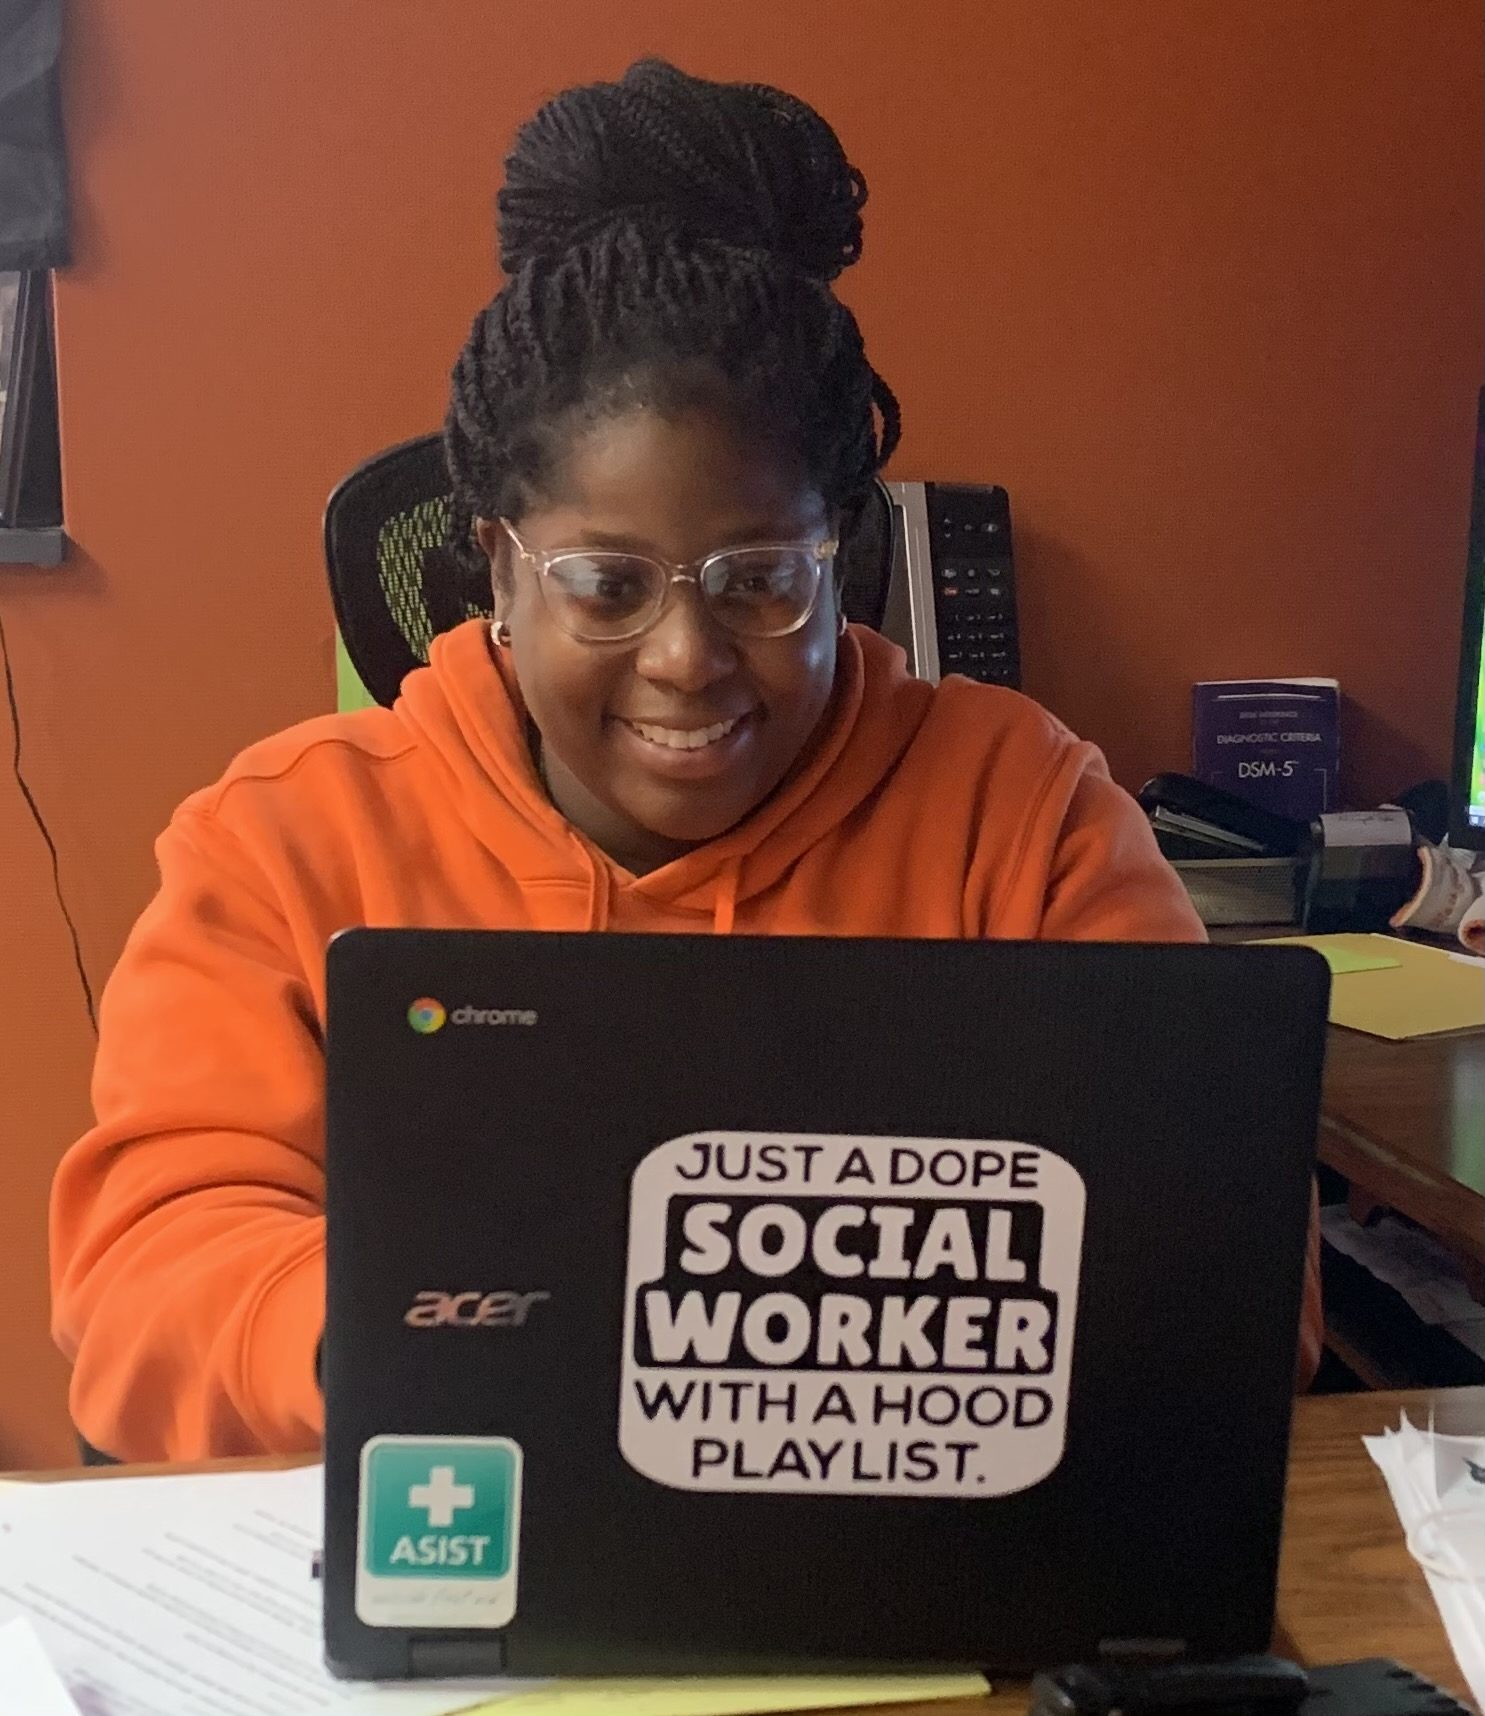 زنی که جلوی لپ تاپ نشسته و لبخند می زند